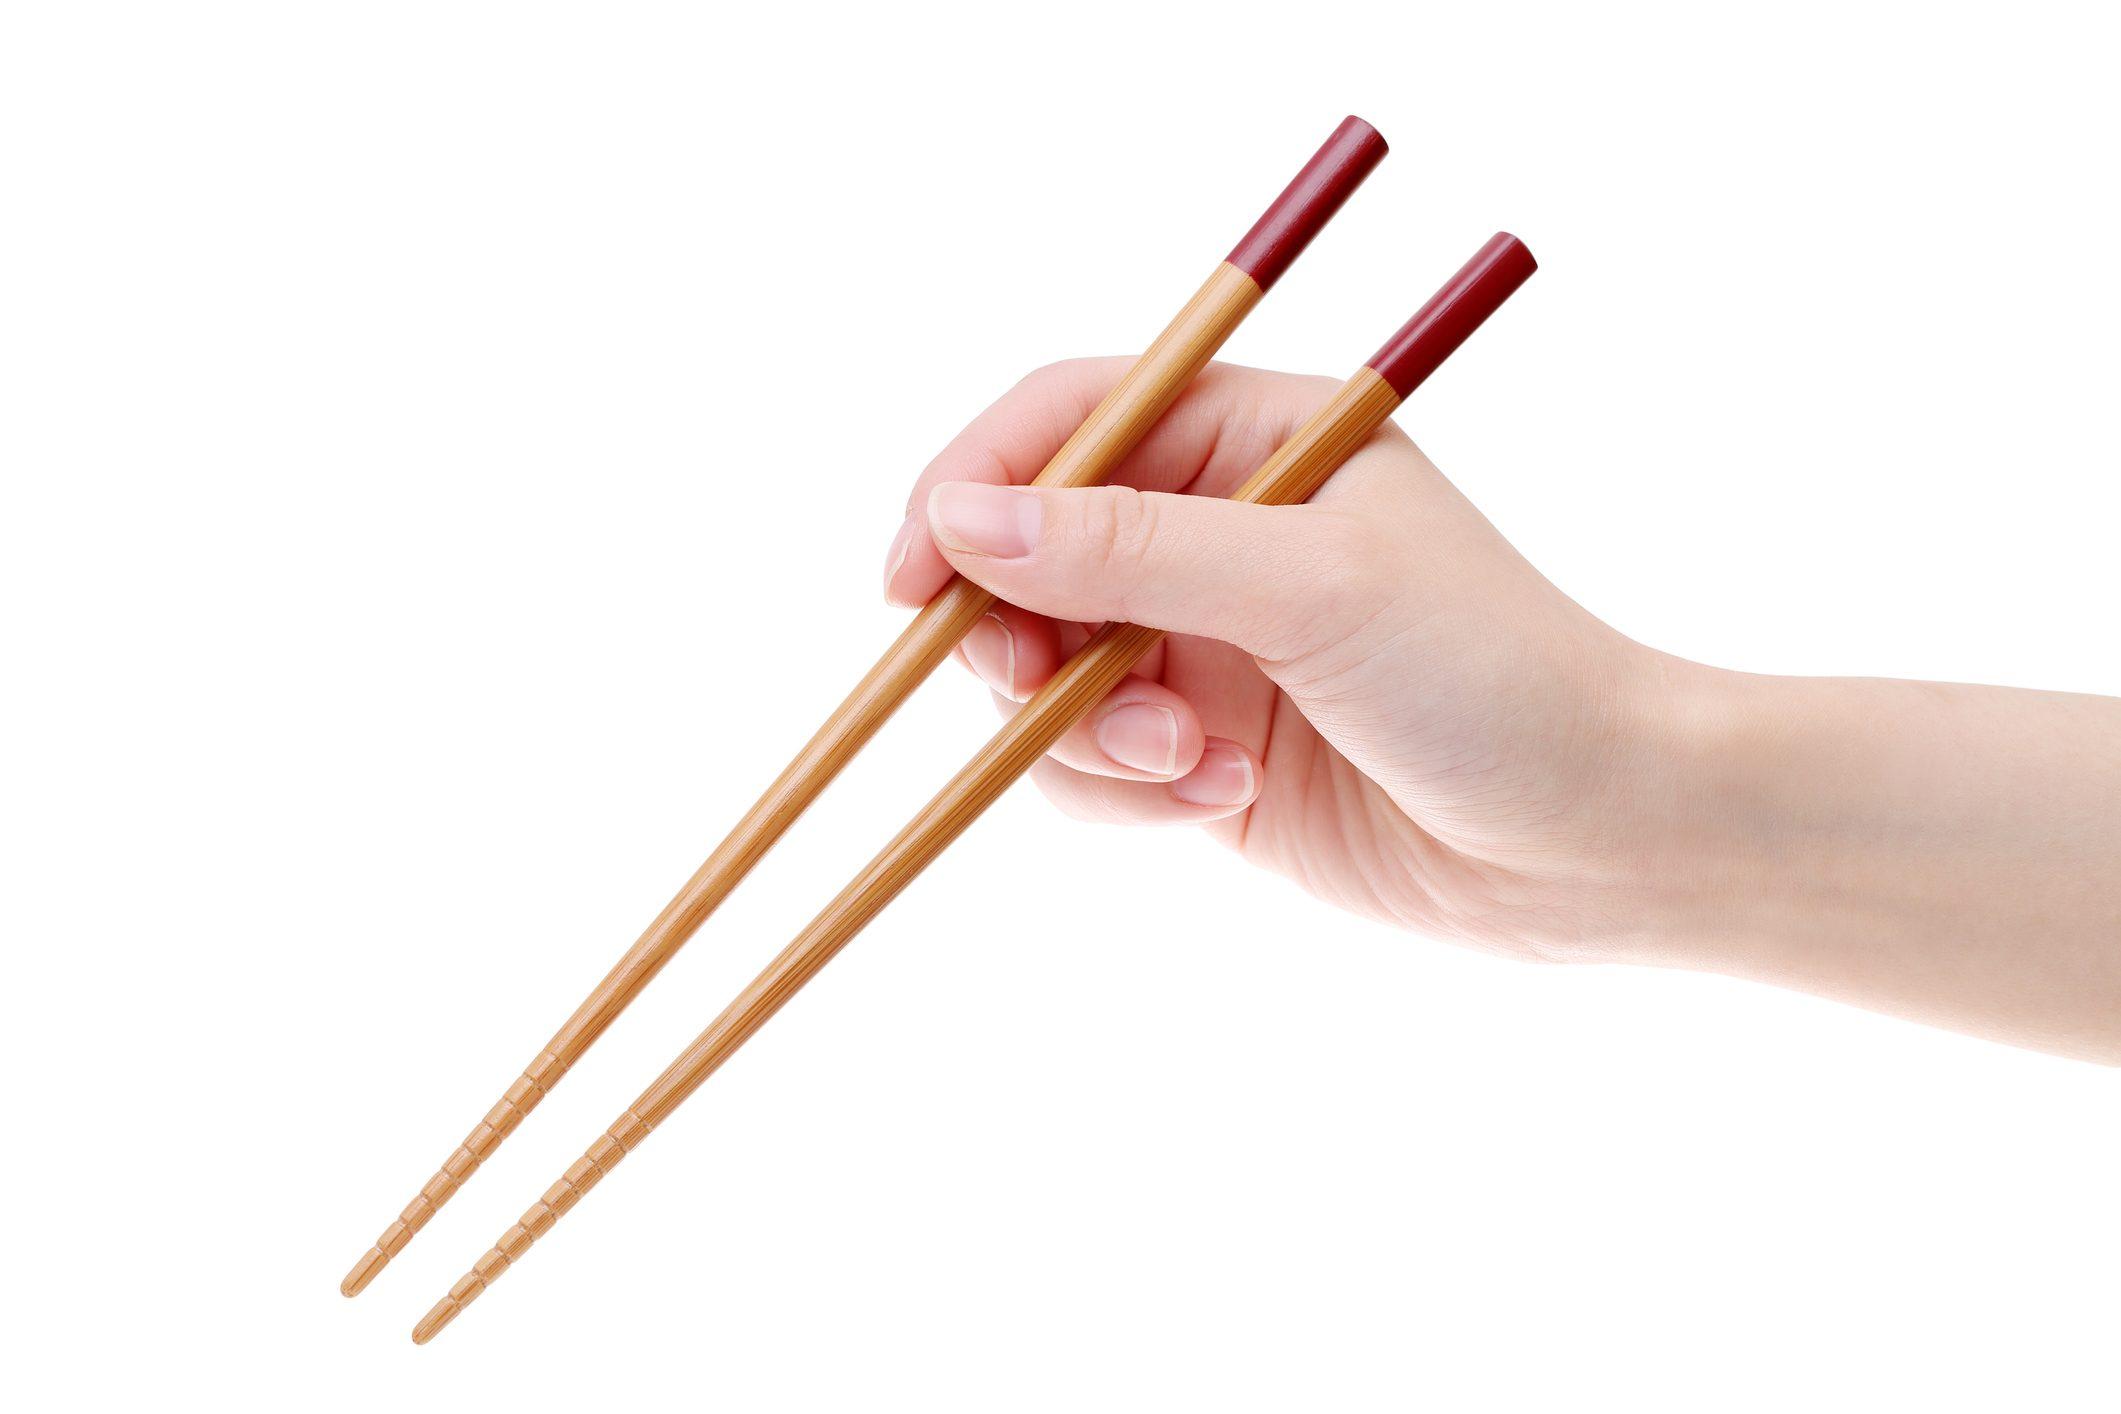 手持ち株の木の箸の写真素材